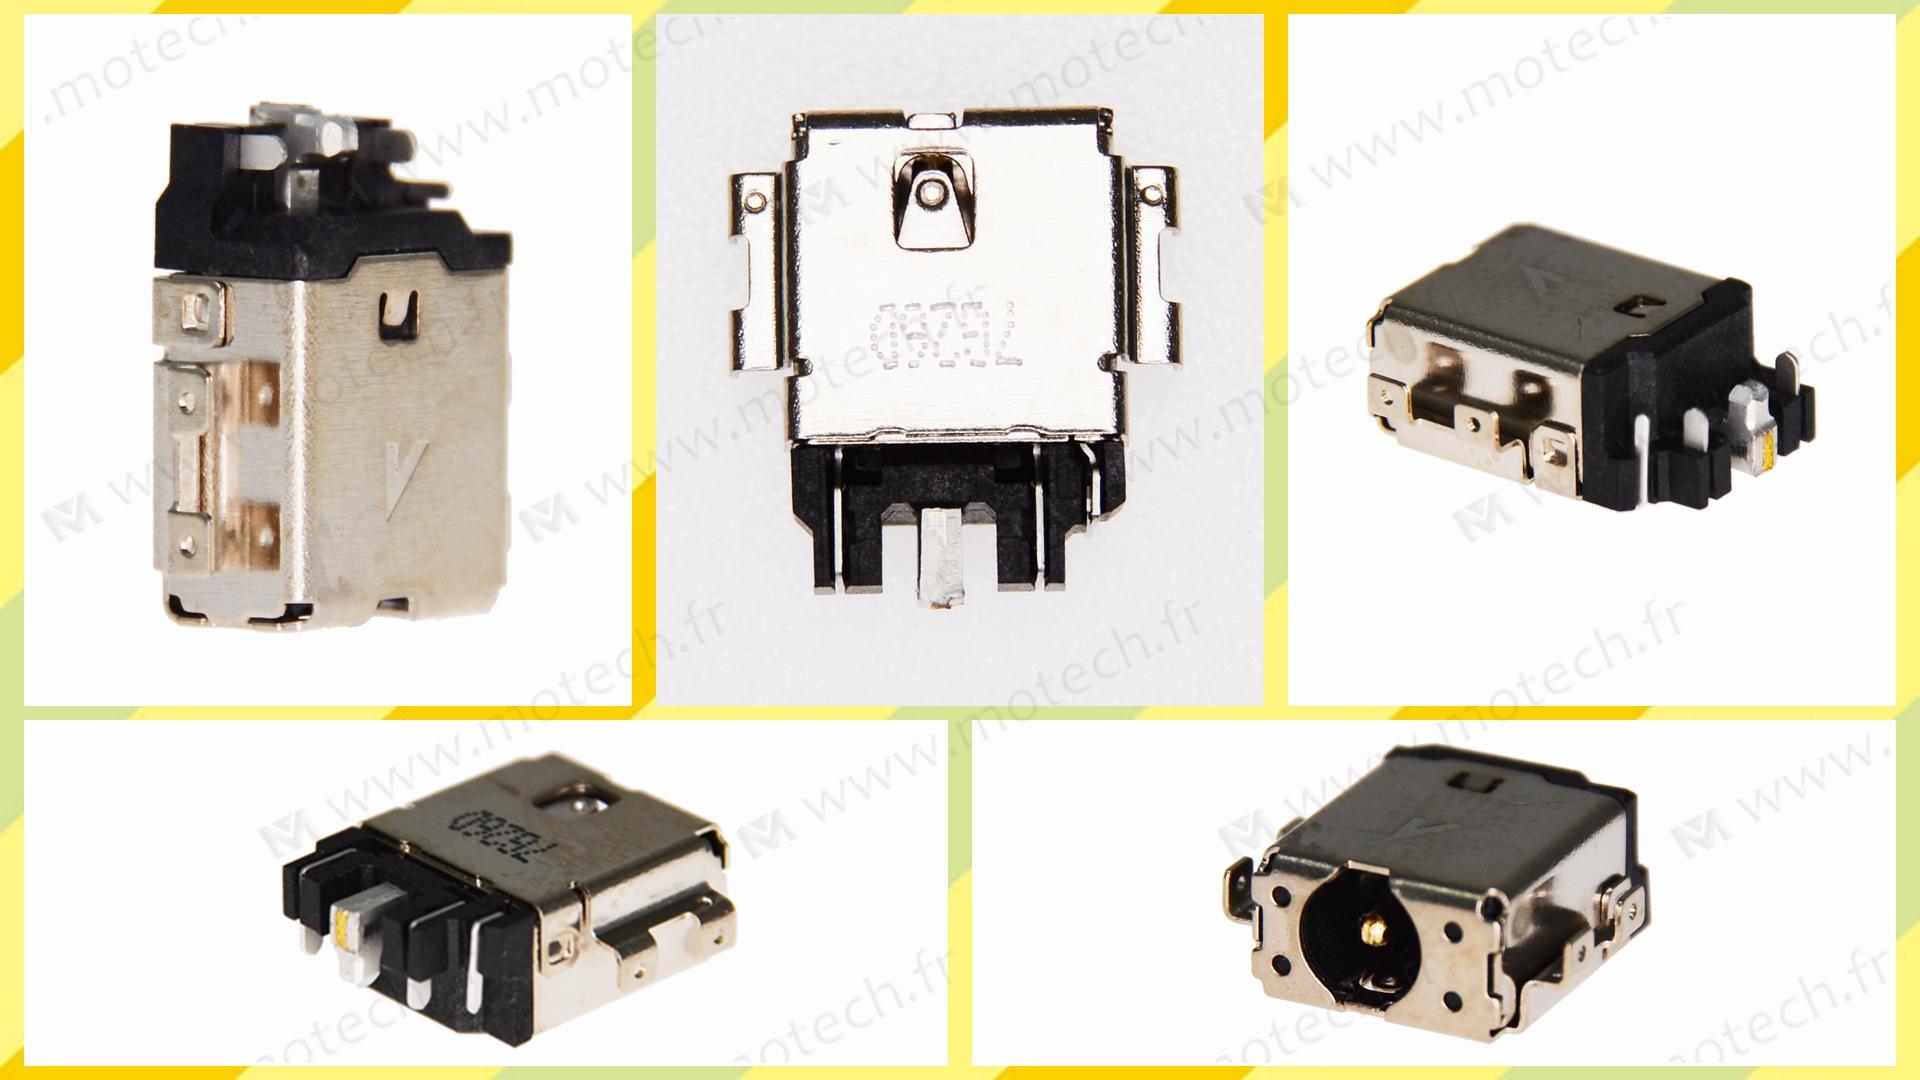 Asus TP401MA DC Jack, Asus TP401MA Jack alimentation, Asus TP401MA Power Jack, Asus TP401MA Prise Connecteur, Asus TP401MA Connecteur alimentation, Asus TP401MA connecteur de charge,